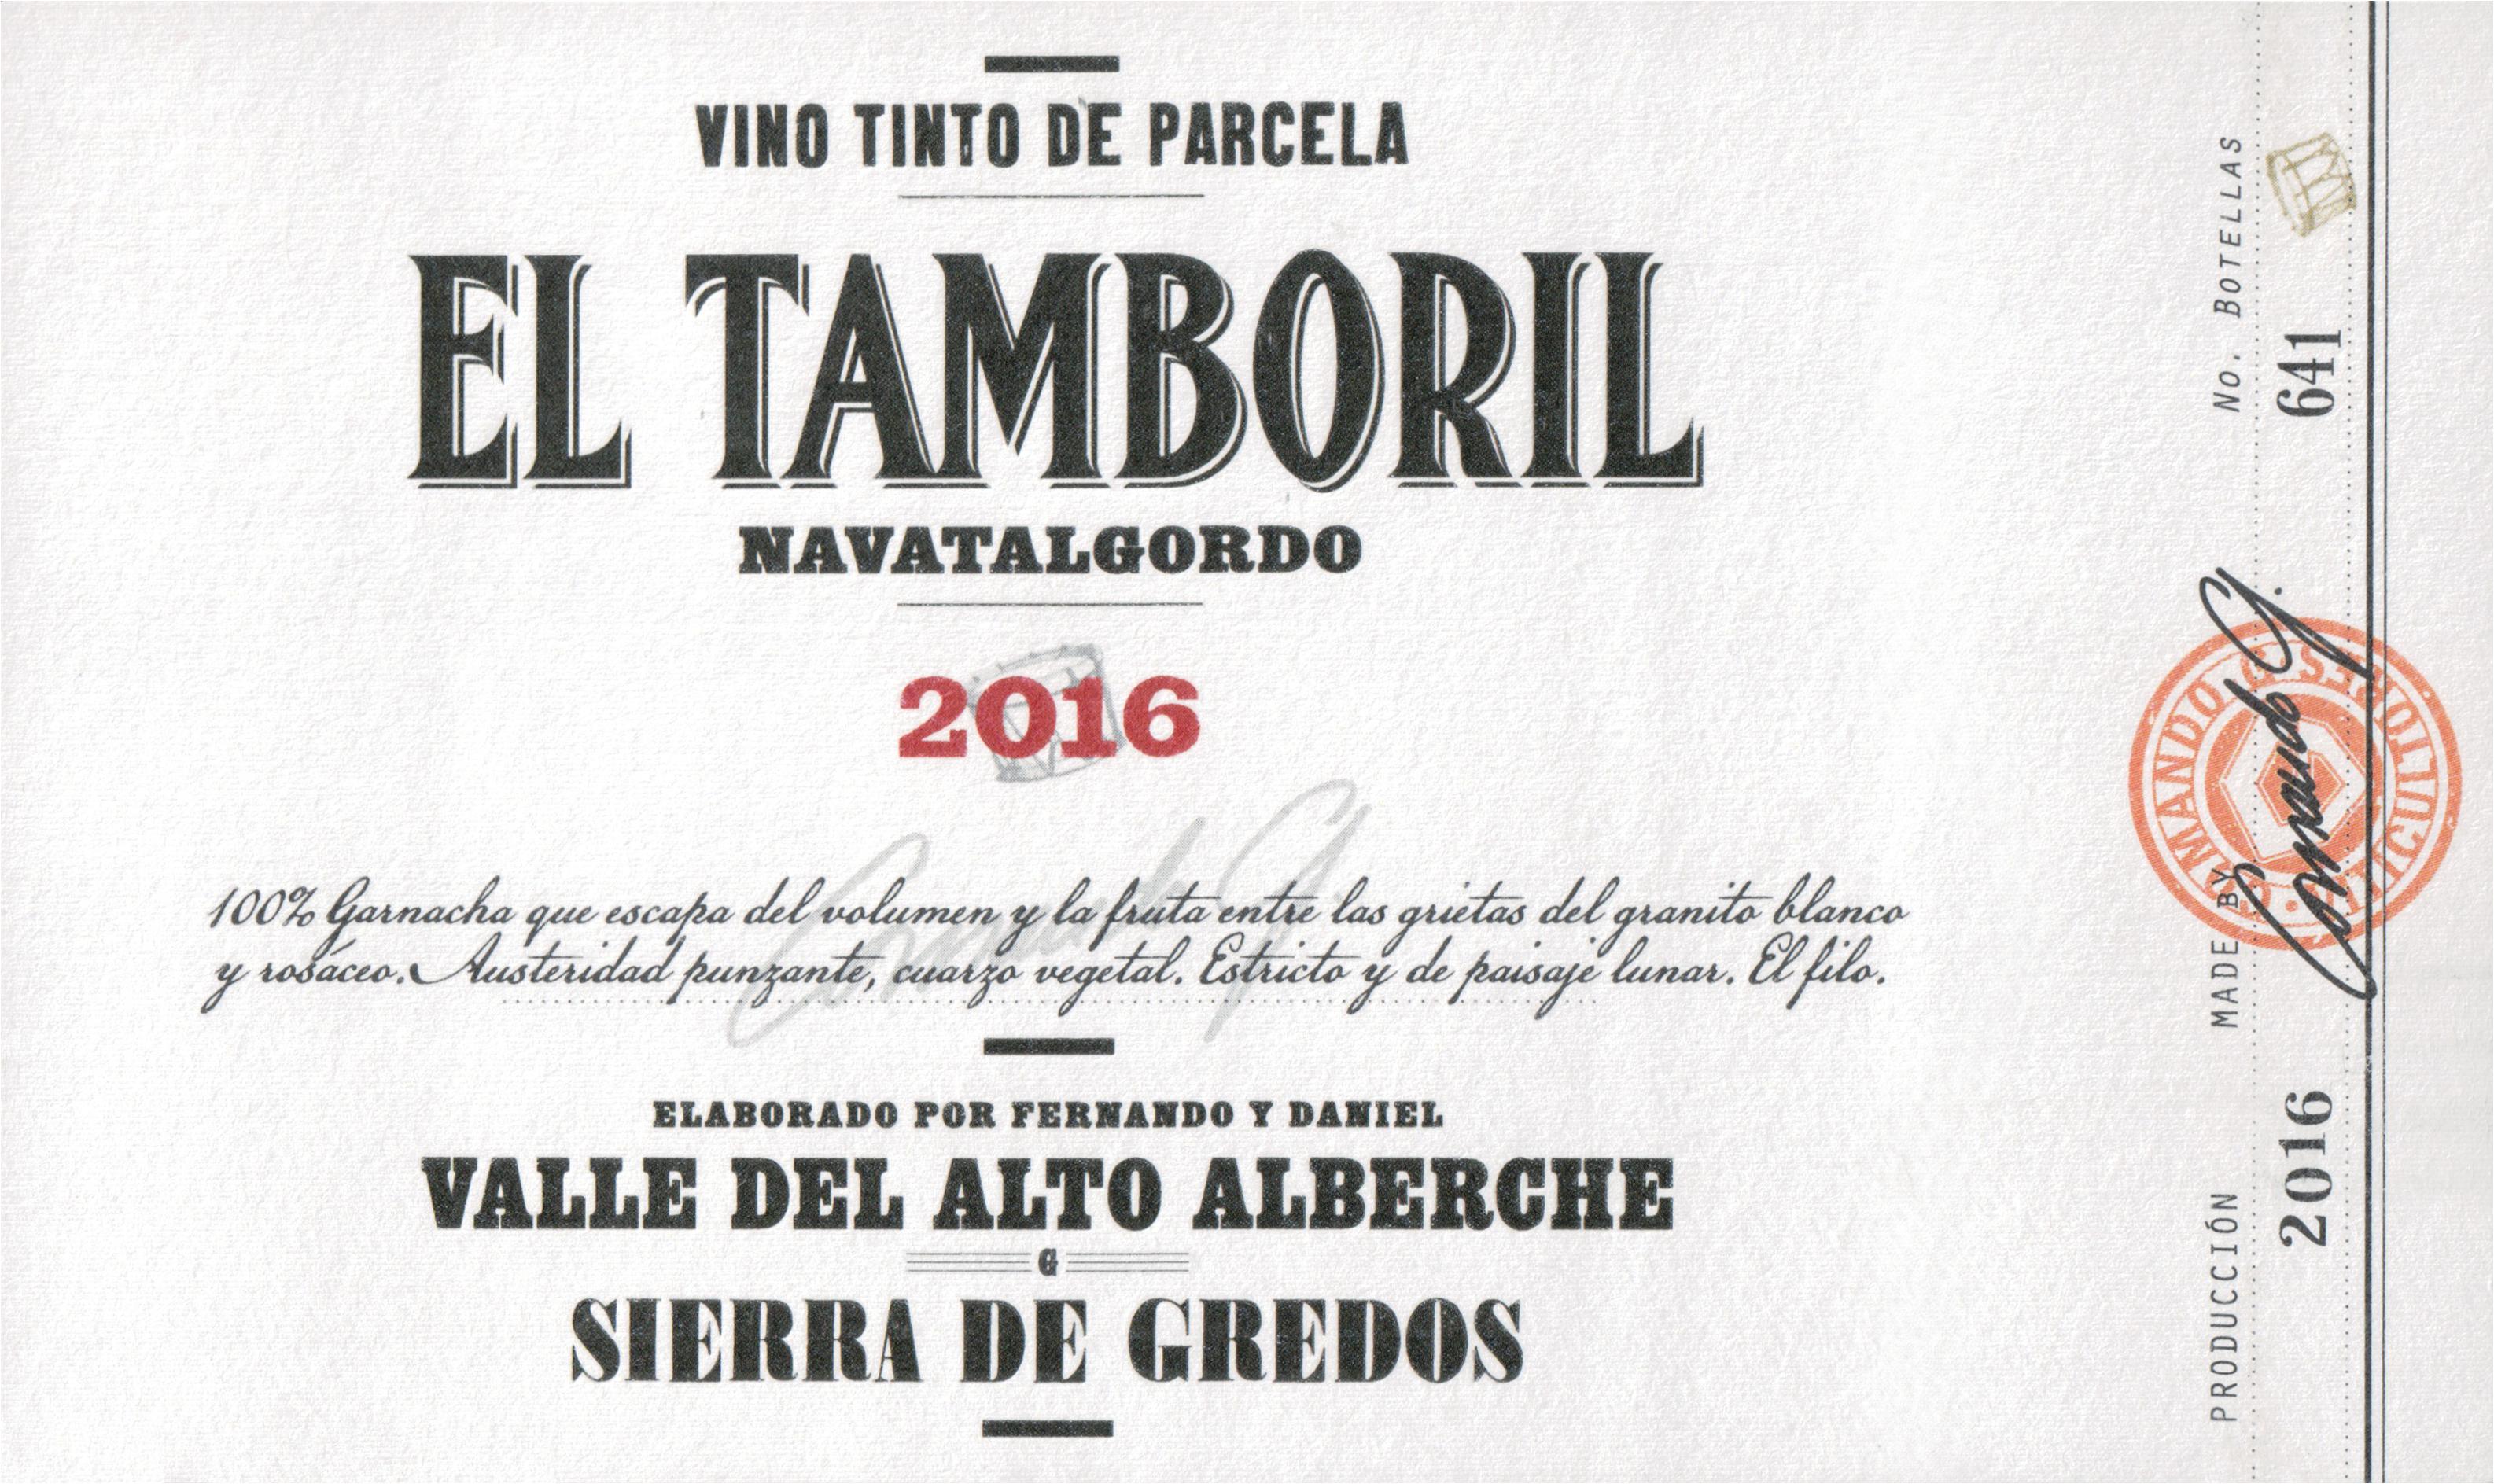 Comando G El Tamboril Tinto 2016